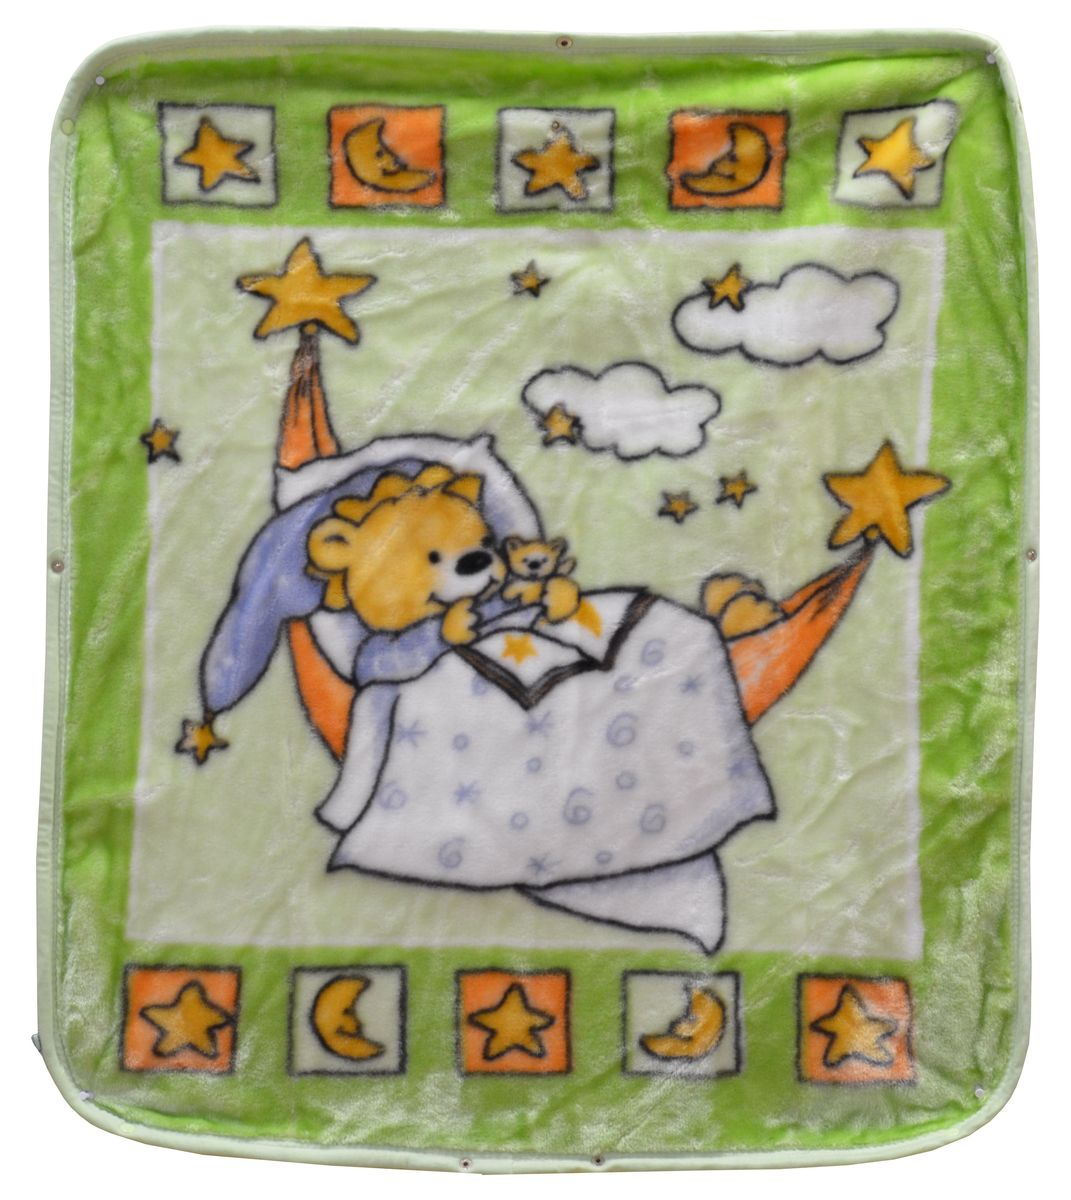 Bonne Fee Плед-накидка для младенцев на молнии 3, 80 х 90 см, цвет: зеленый103685Плед-накидка для младенцев на молнии Bonne Fee - защита, тепло и комфорт для малышей - использован надёжный, качественный и мягкий материал! Удобство и спокойствие для родителей обеспечивается универсальностью пледа-накидки, конструкция которого позволяет ему легко превращаться в конвертик. Отличное качество и практичность! Любите своего ребёнка и дарите ему лучшее!